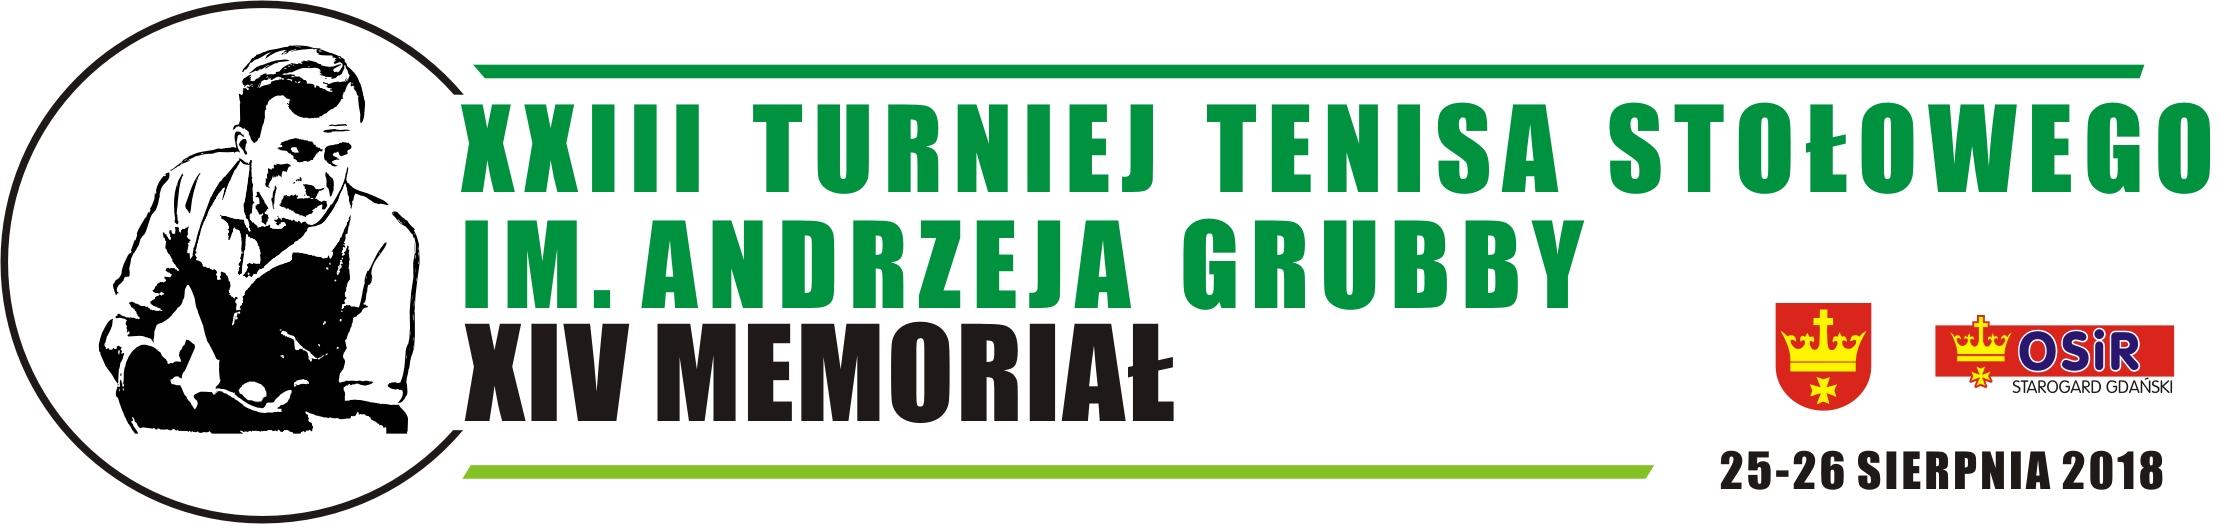 XXIII Międzynarodowy Turniej Tenisa Stołowego  XIV Memoriał im. A. Grubby